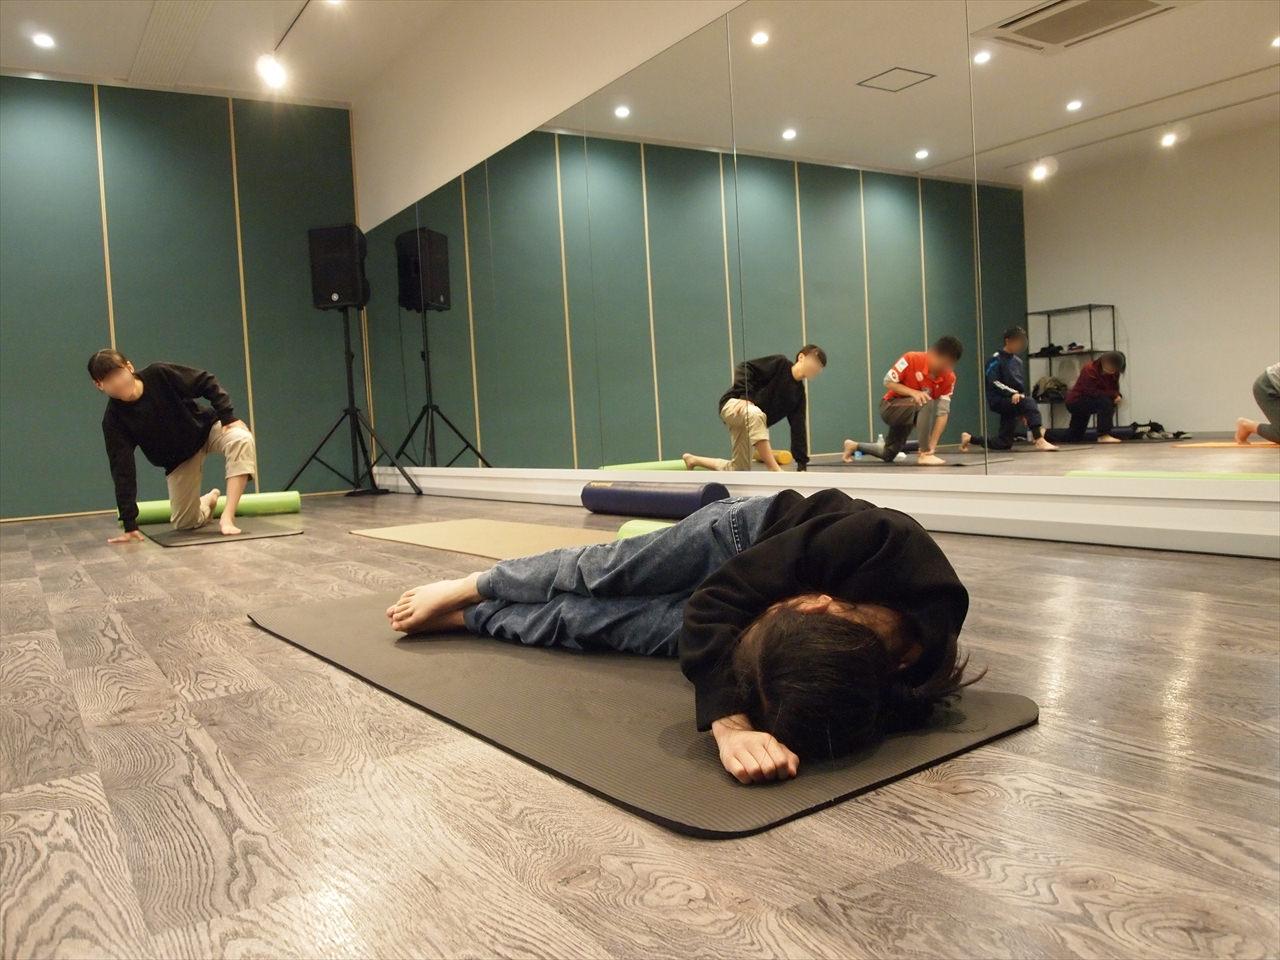 徳島県北島町 ダンススタジオ ダンススクール B.I.G(ビーアイージー) 体幹ストレッチ KAZU 岩佐和宏